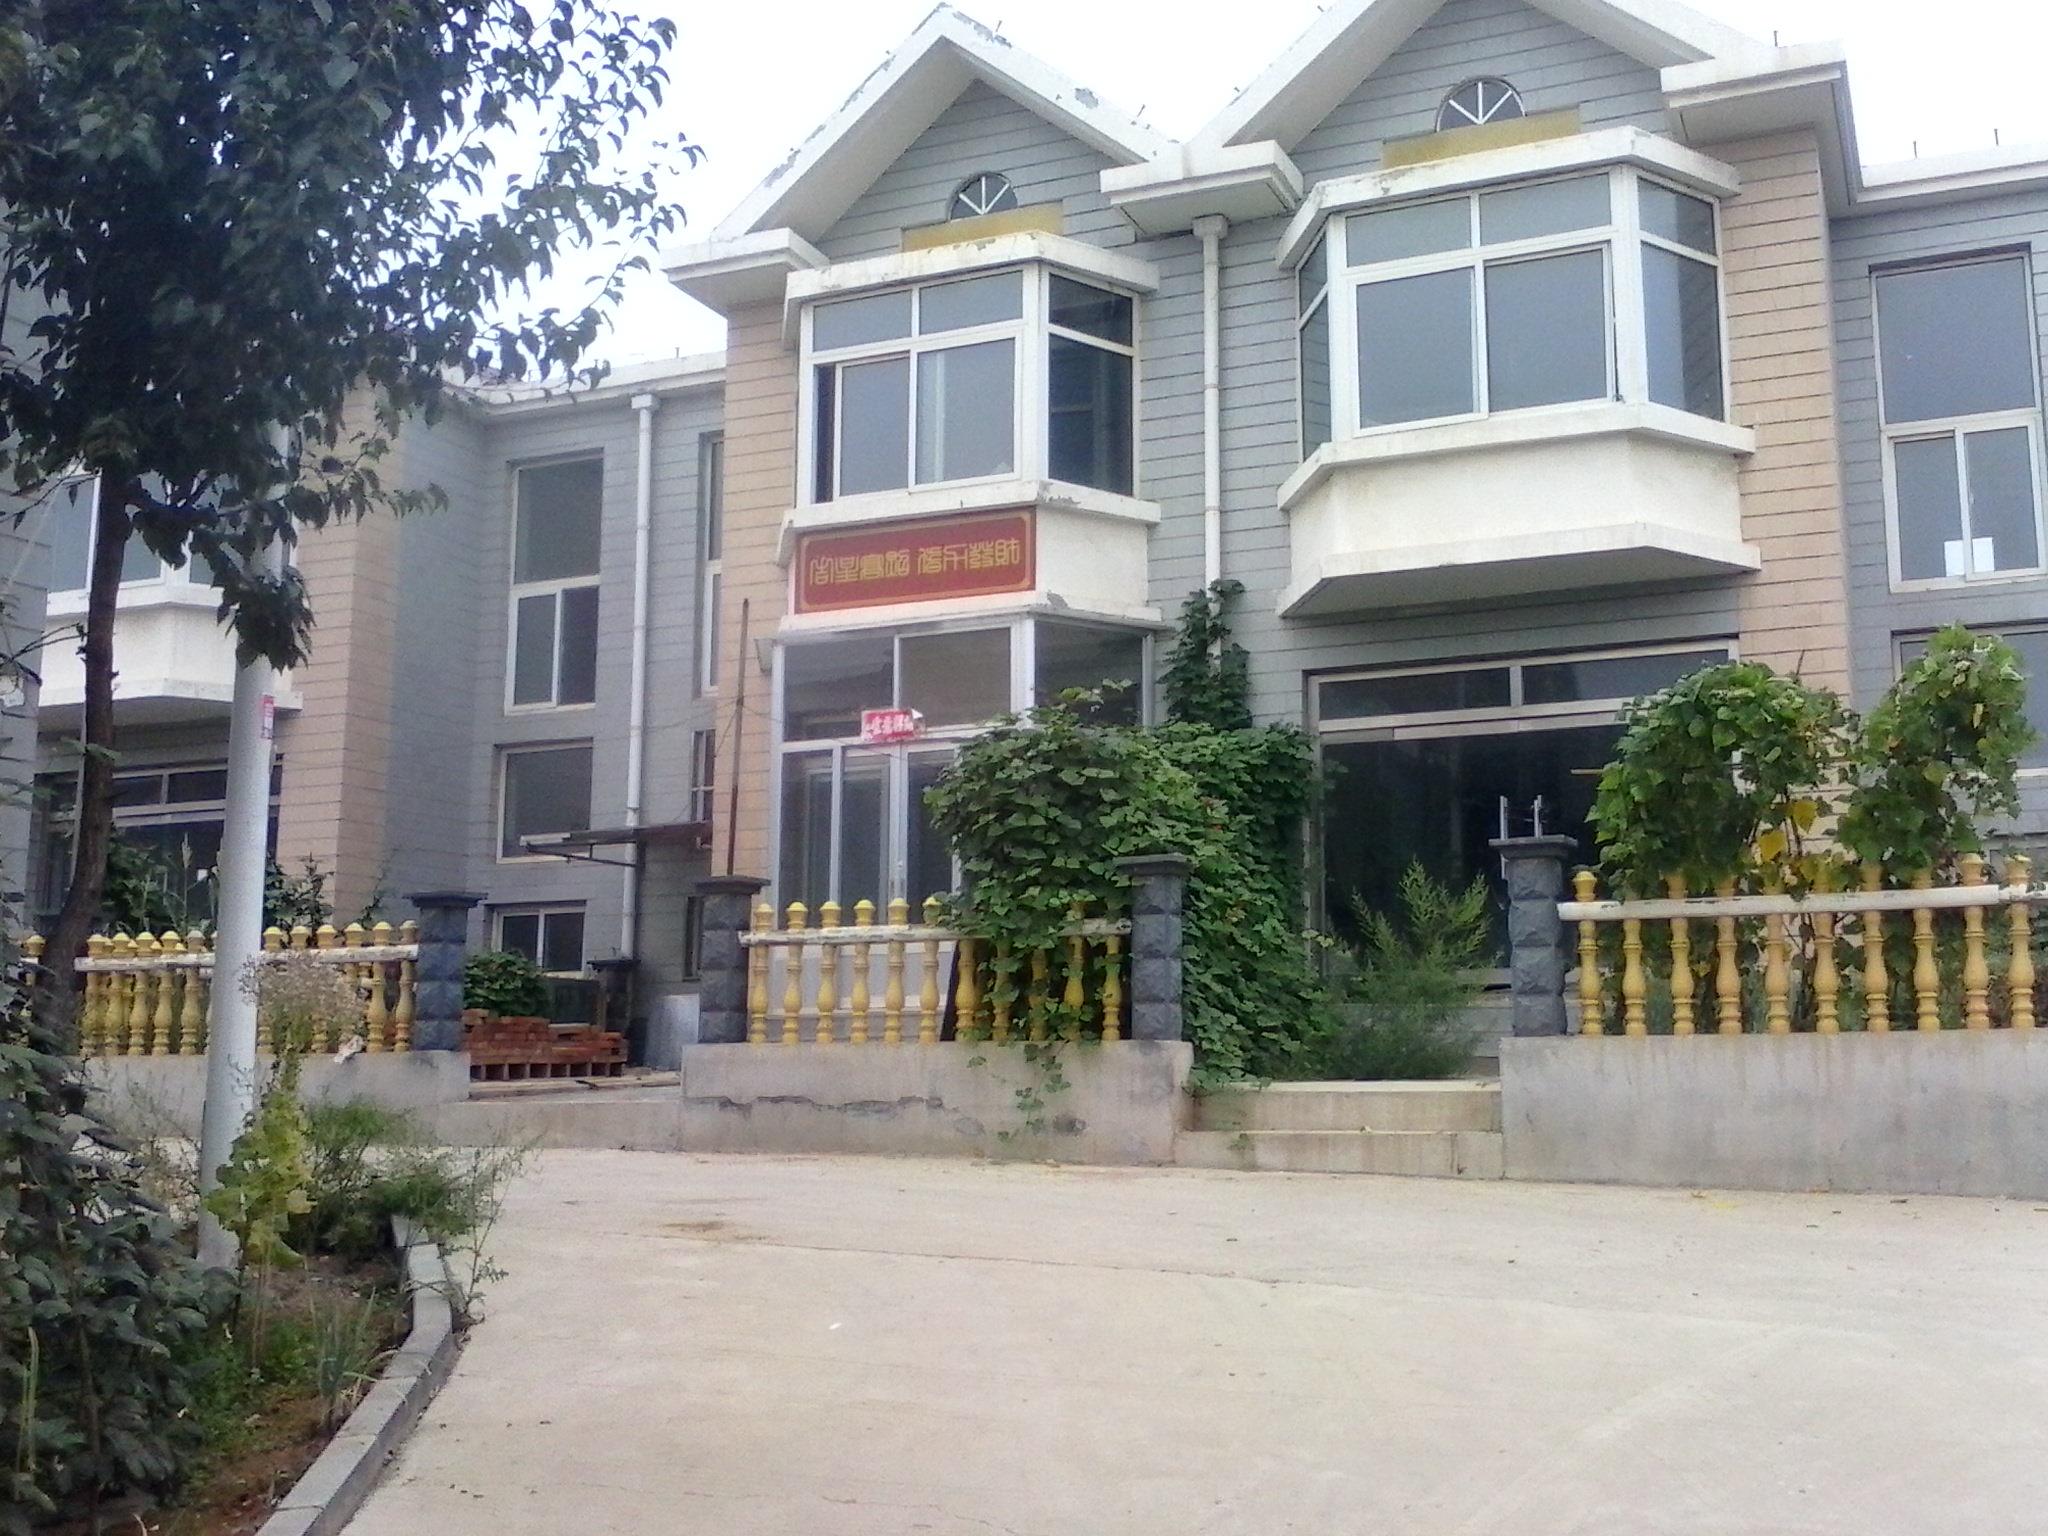 我家是东户,两家为一排,房子后面是对齐的我家西户楼房比我家宽一米